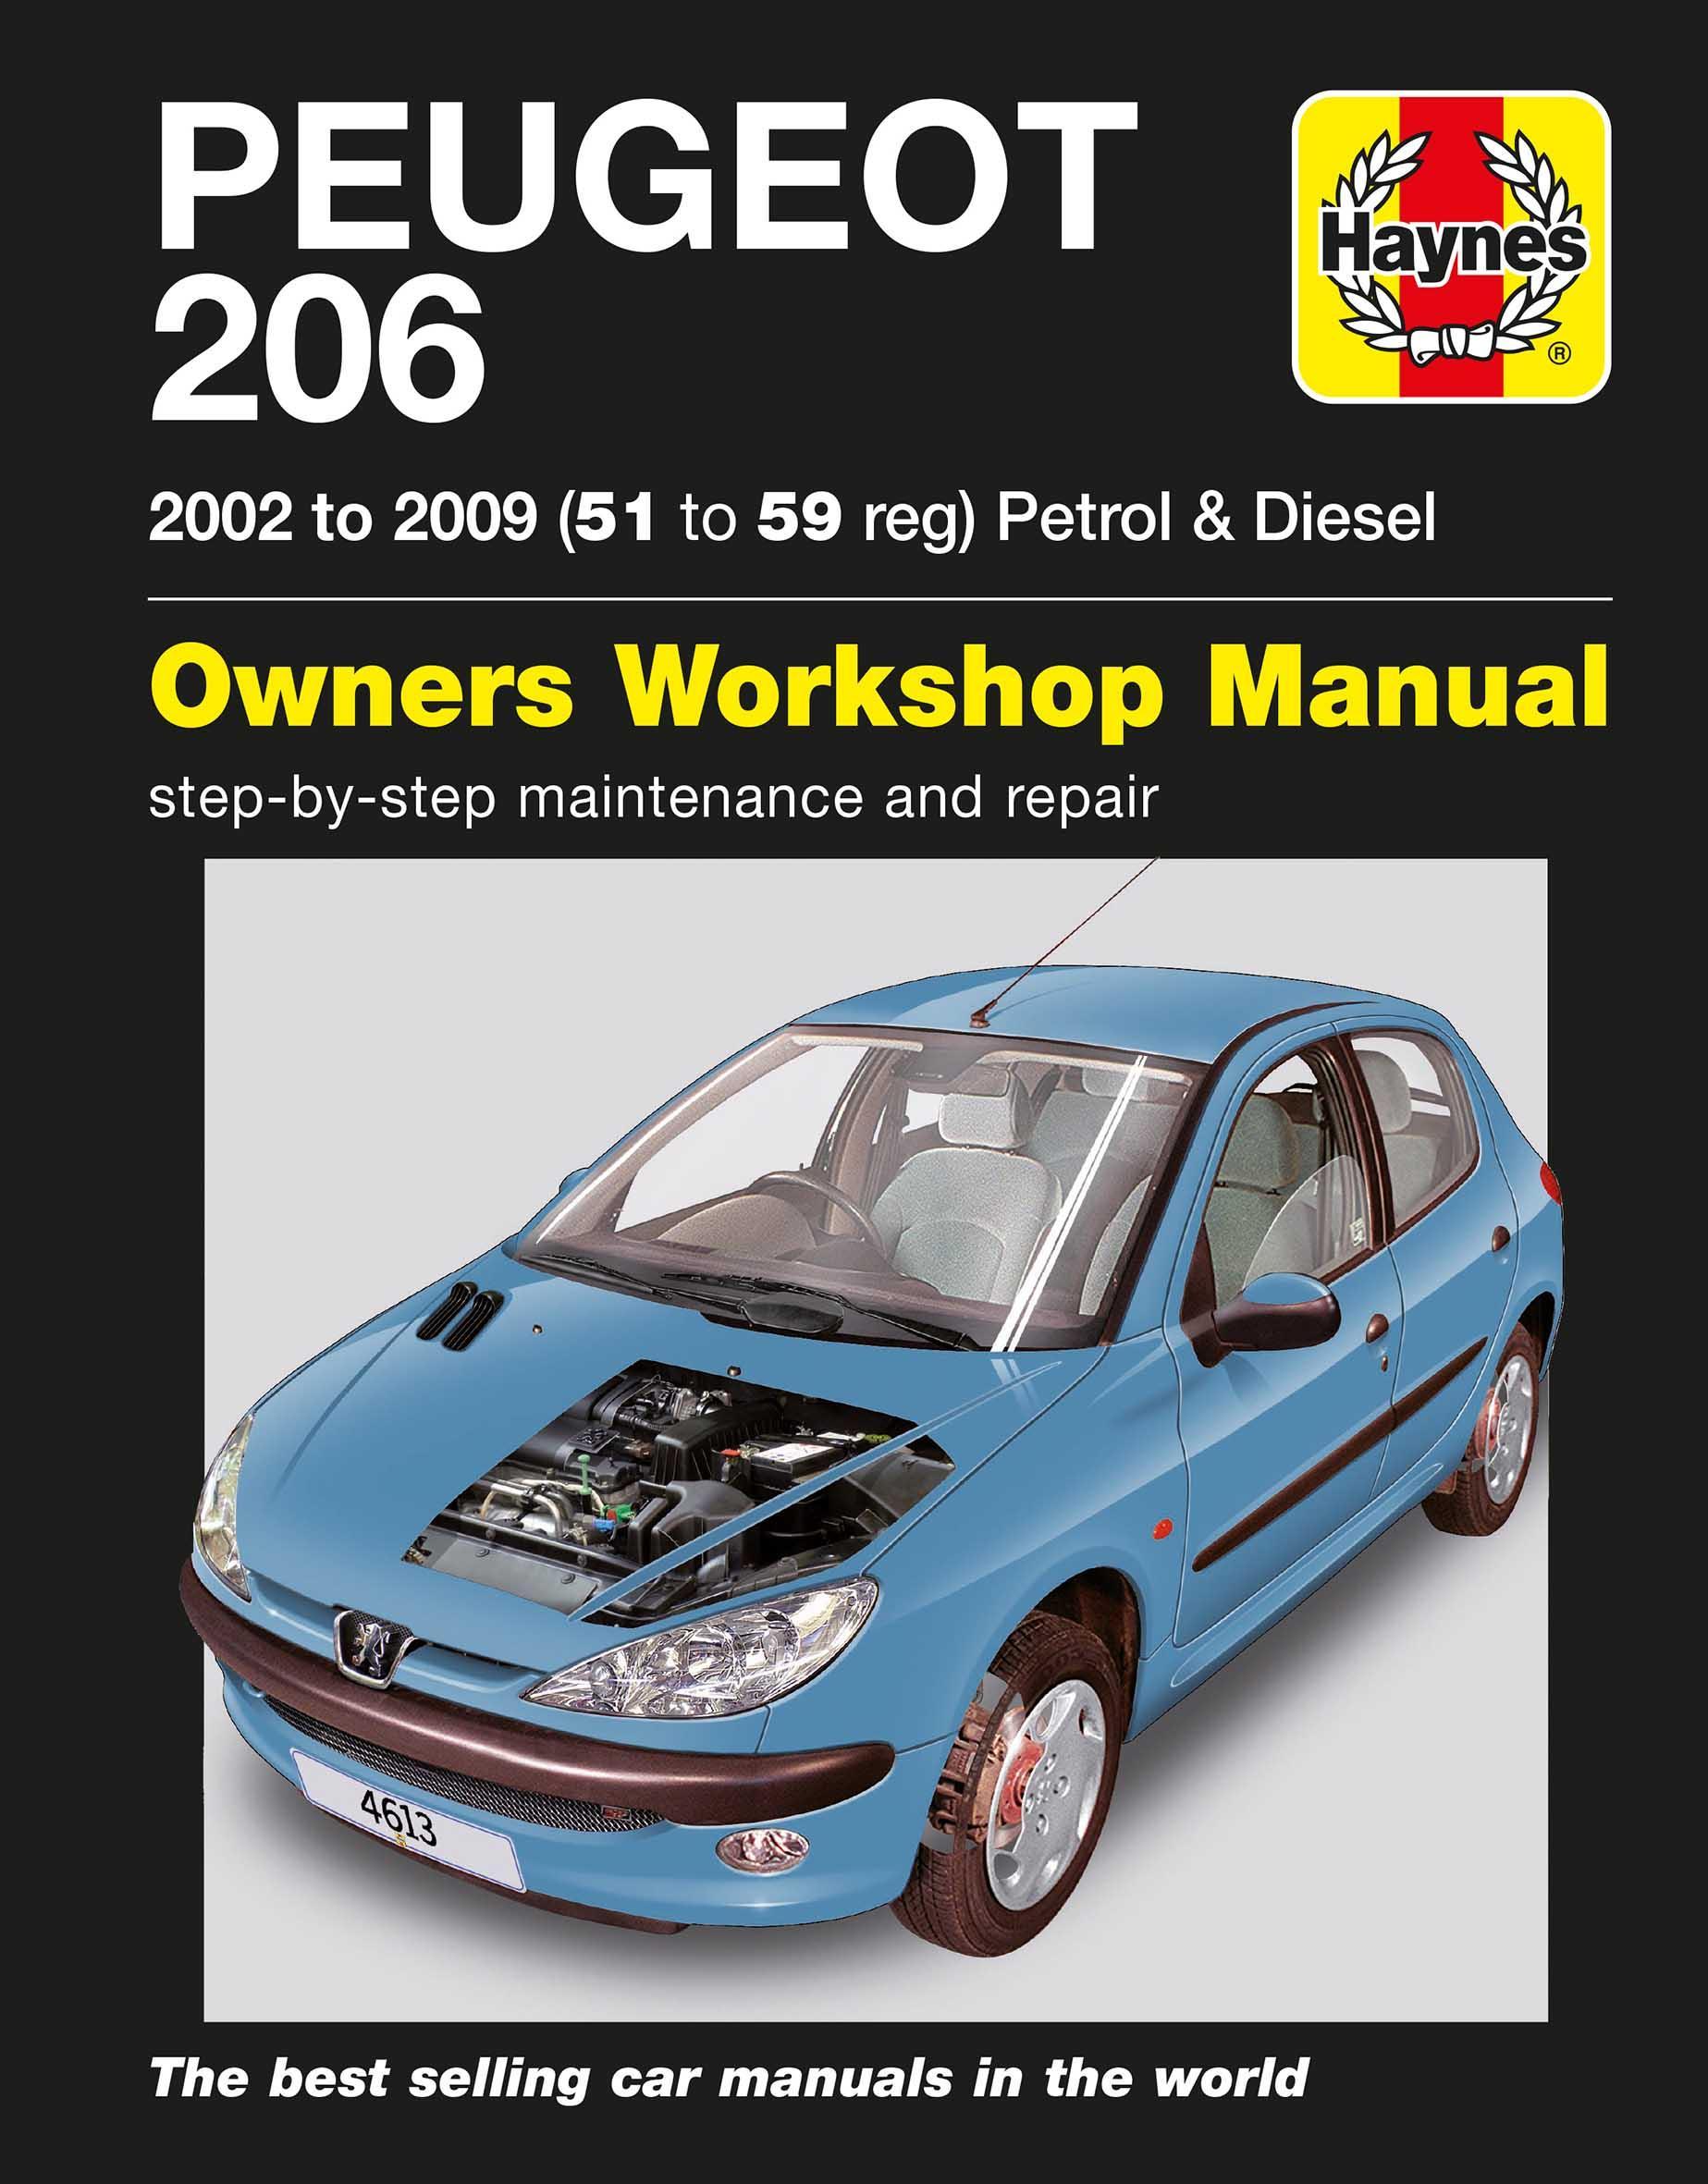 207 gti owners manual open source user manual u2022 rh dramatic varieties com peugeot 207 hdi service manual pdf peugeot 207 user manual